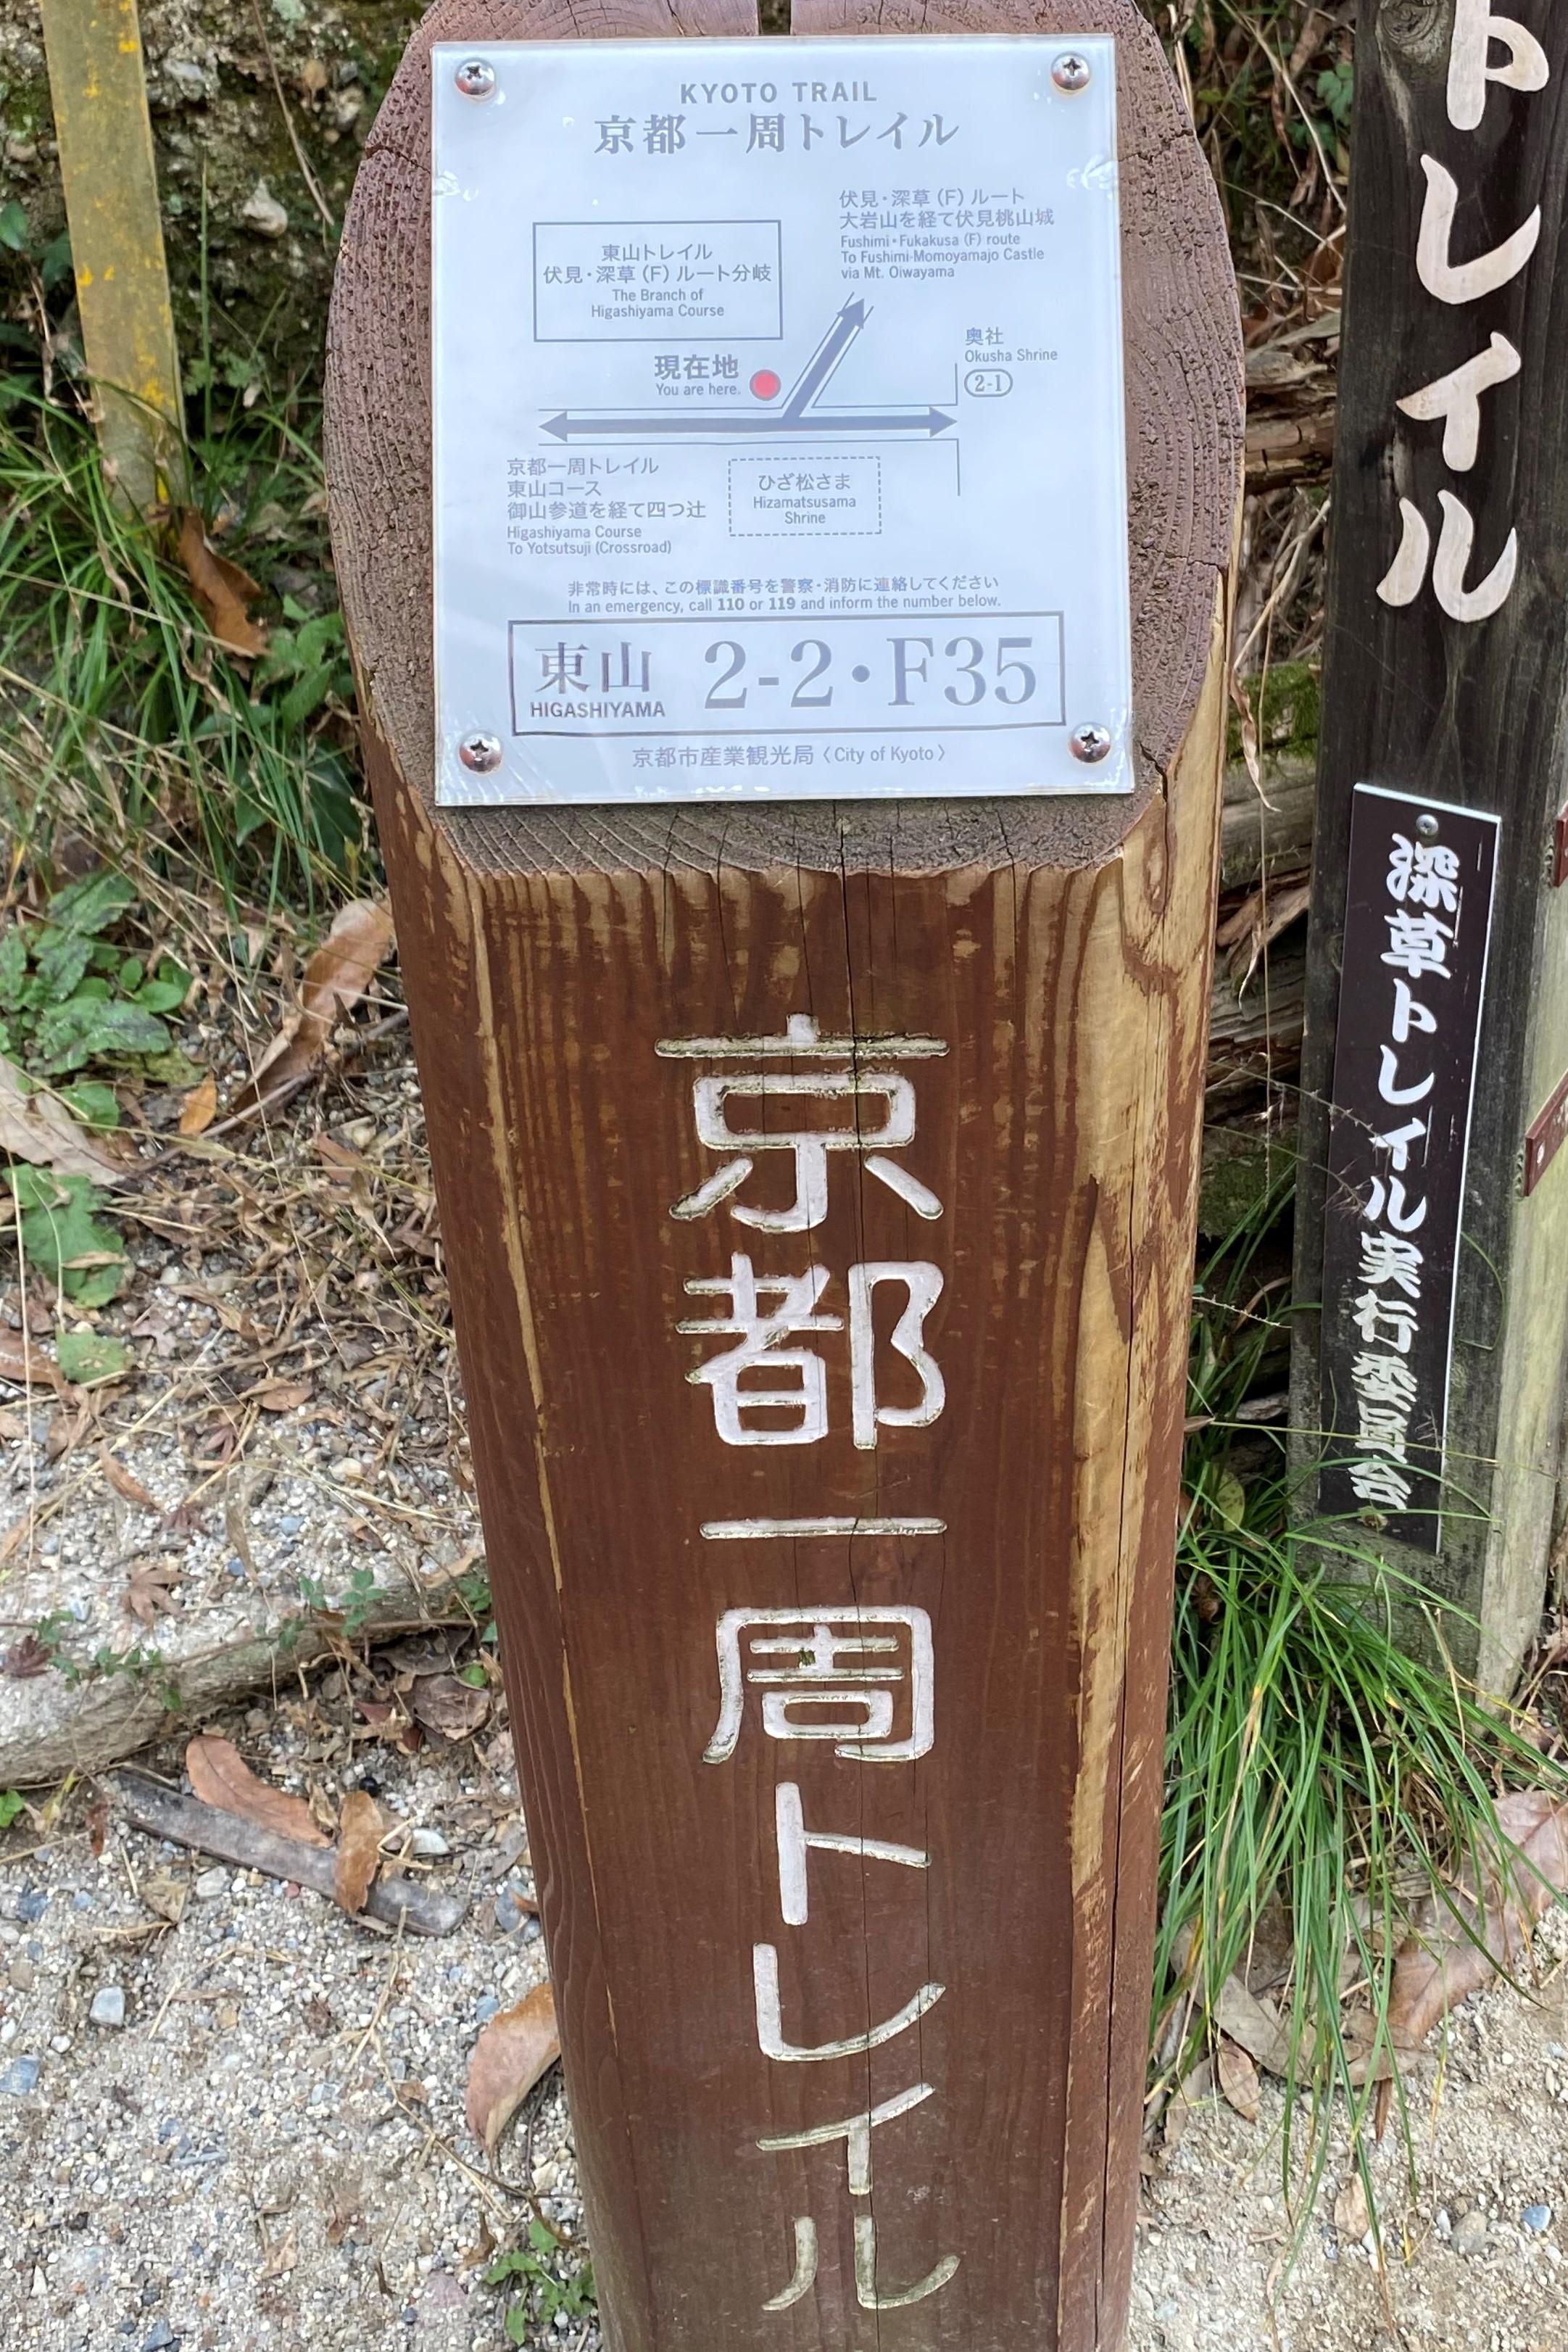 京都一周トレイル東山コース